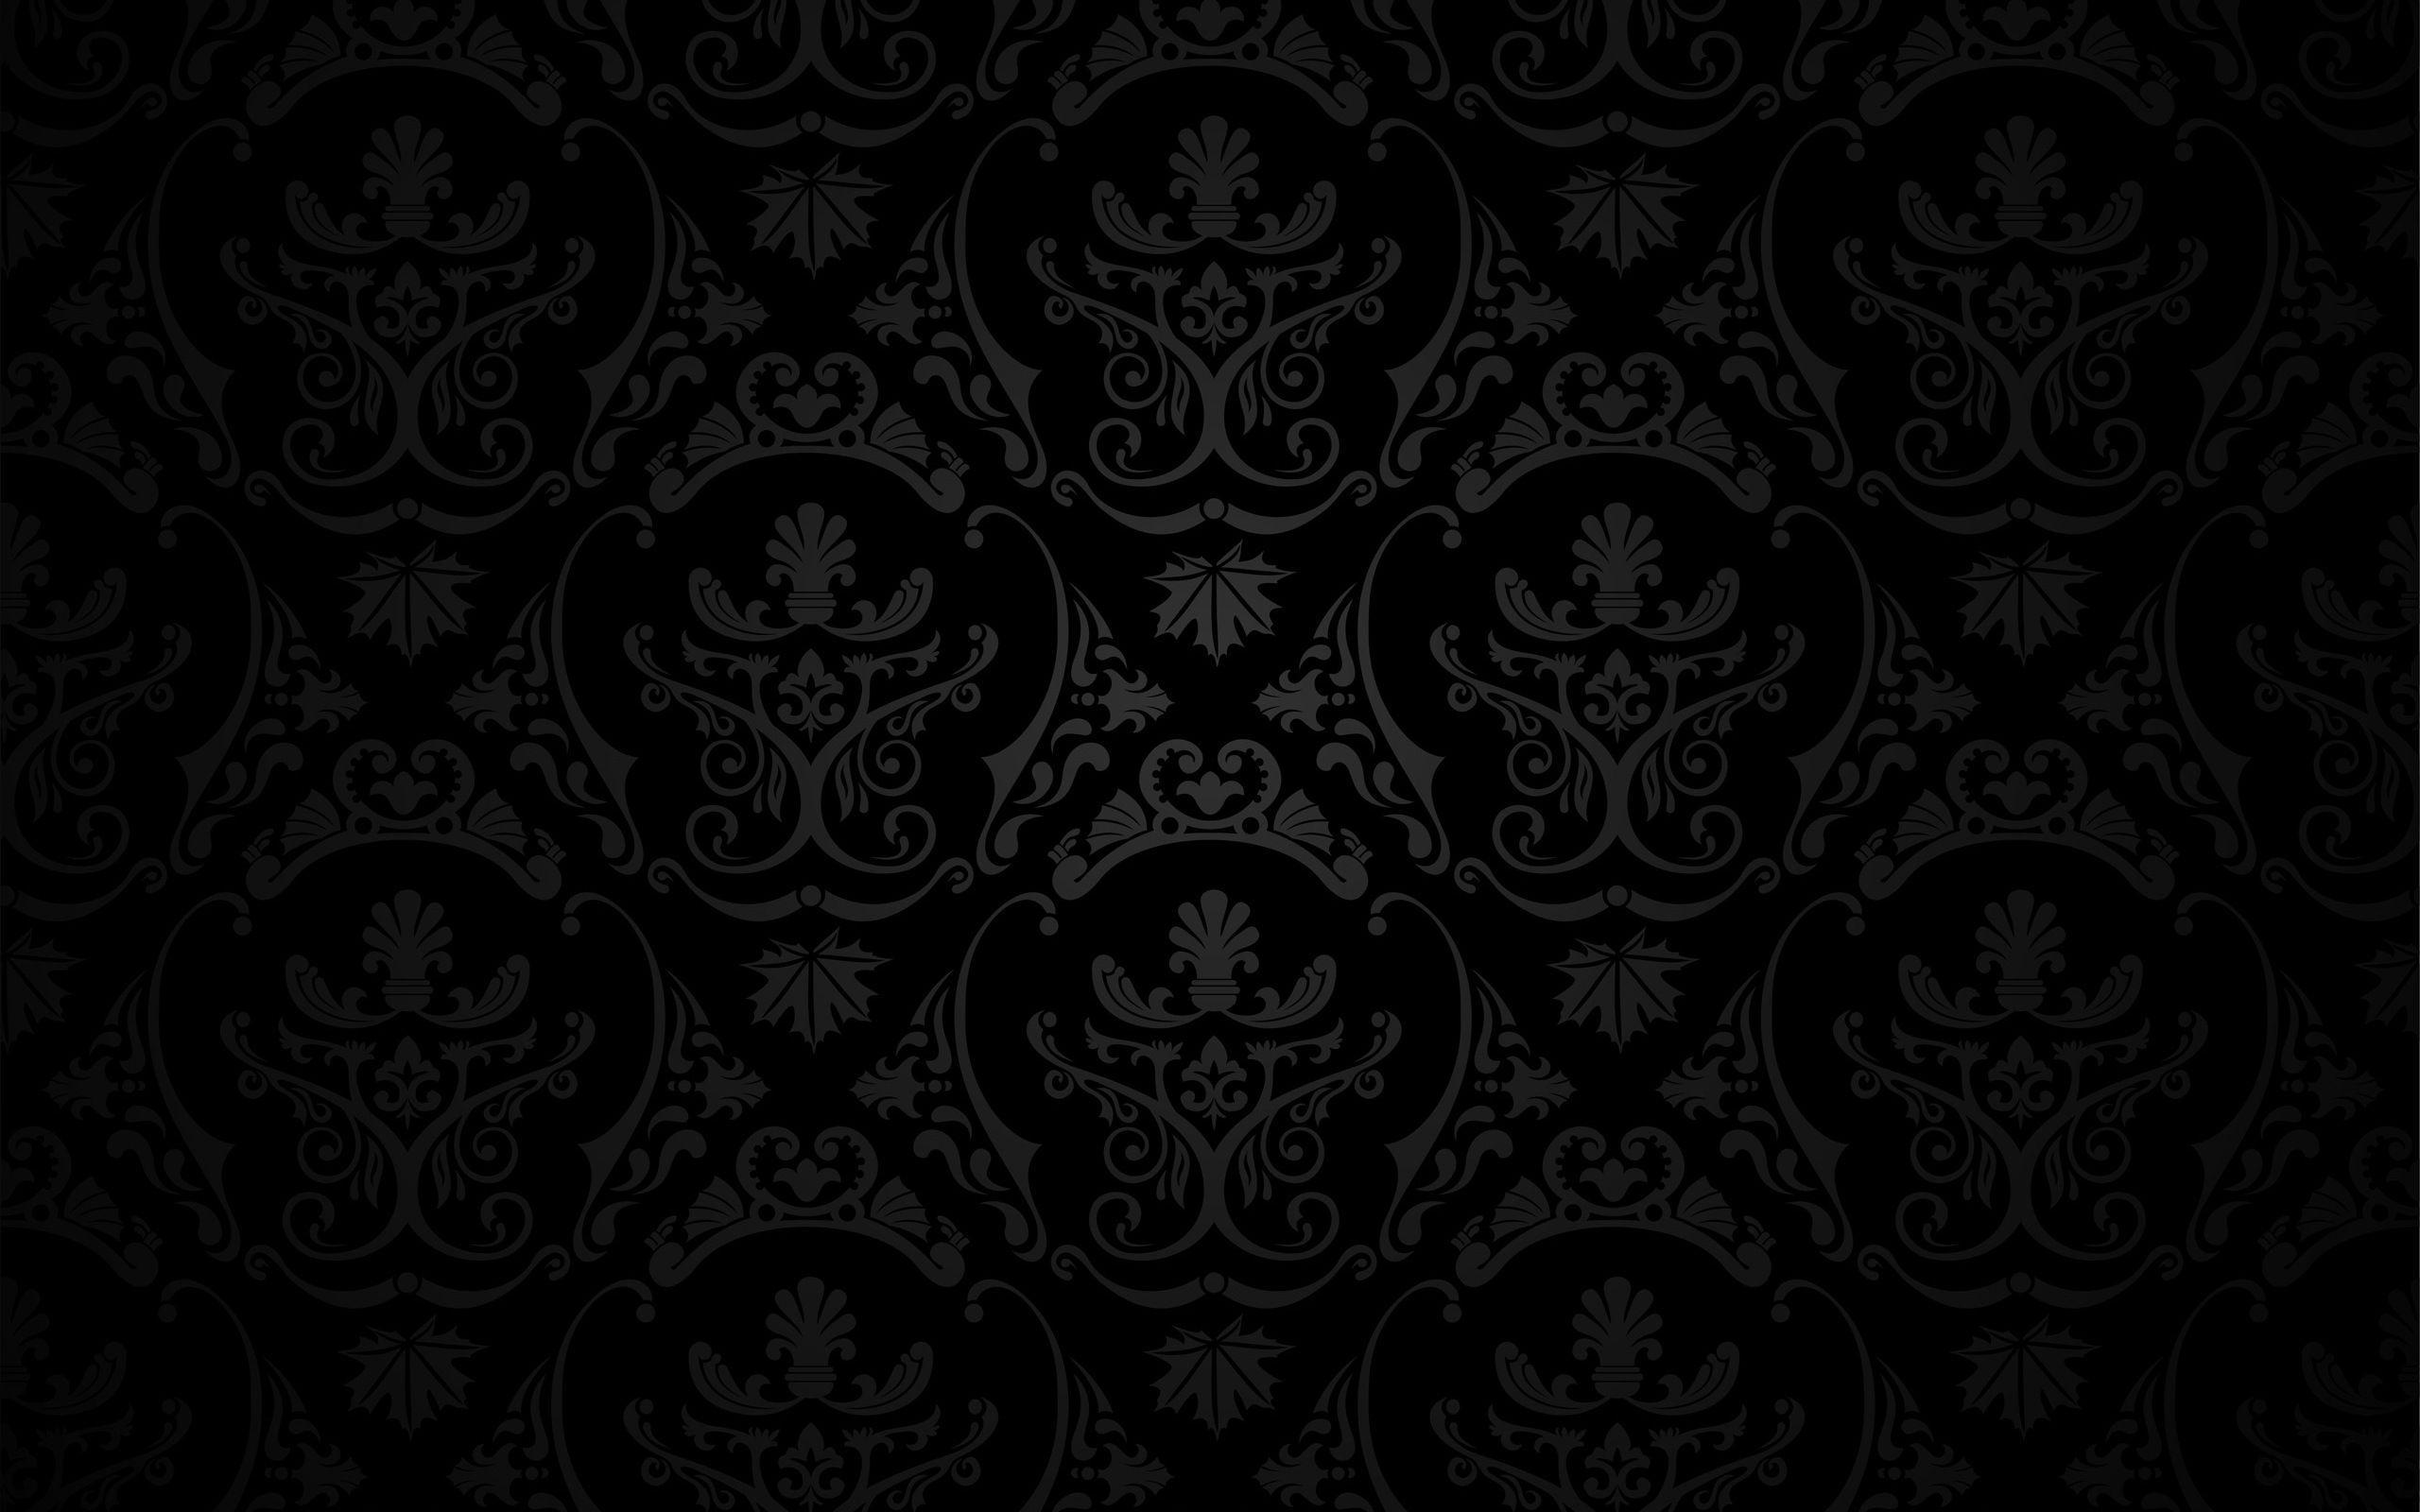 Black Vintage Hd Wallpapers Top Free Black Vintage Hd